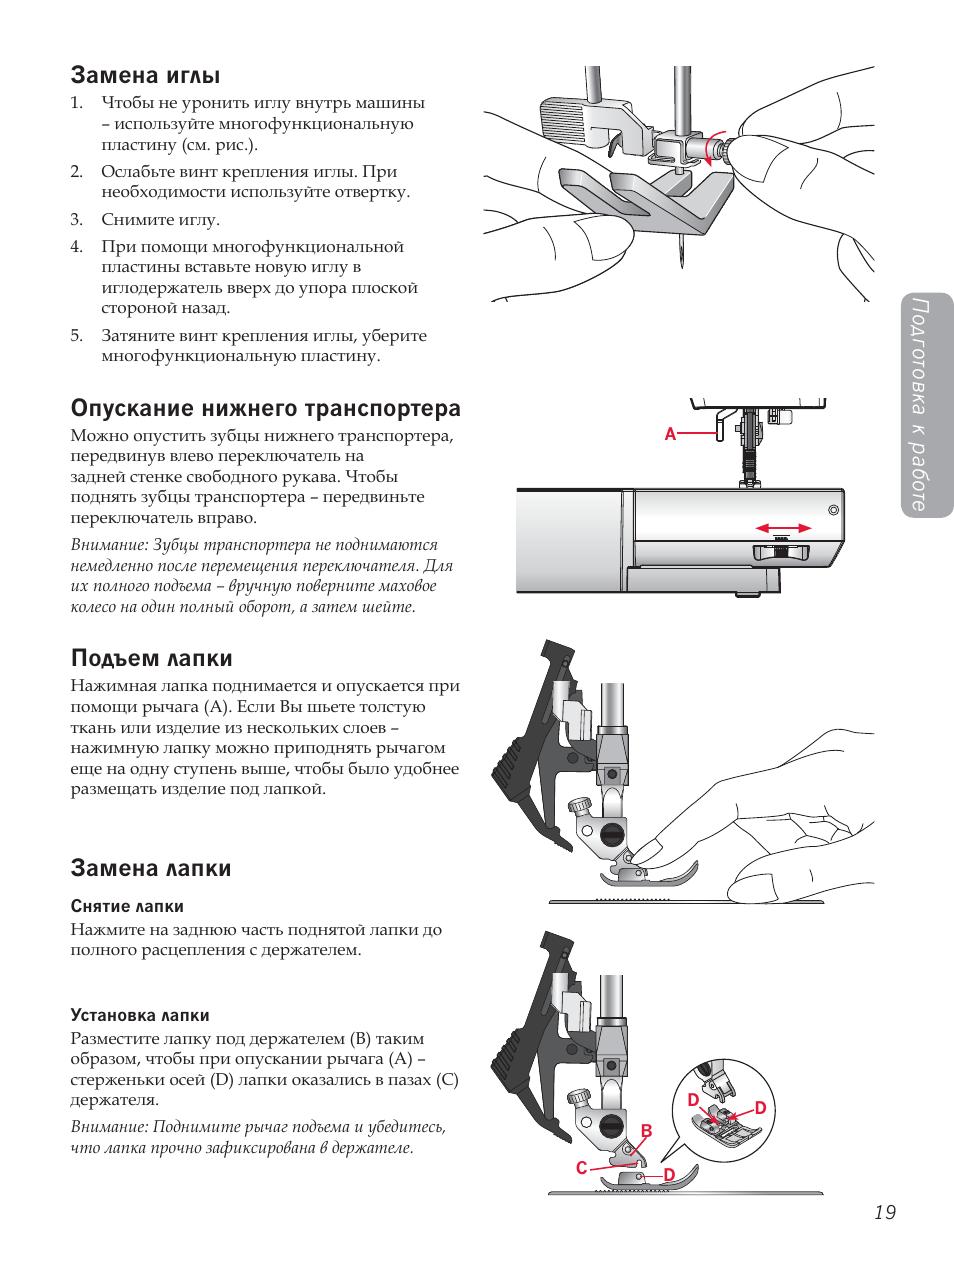 Как поднять нижний транспортер подшипники для роликов транспортеров